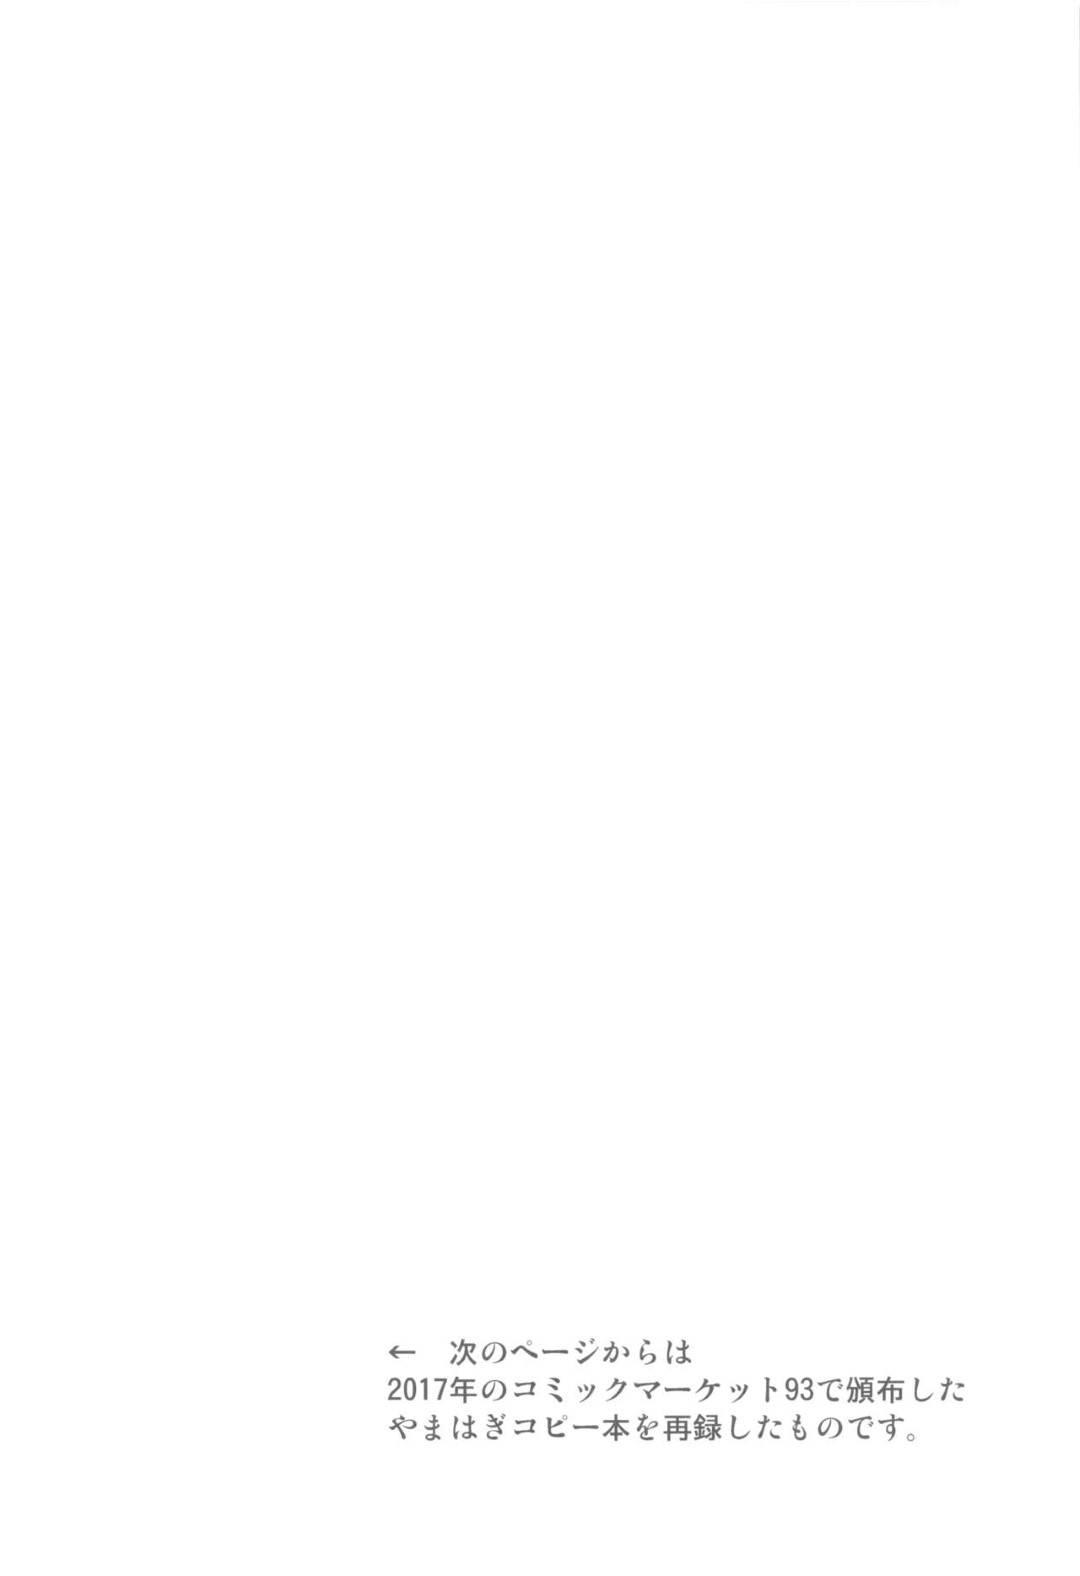 【艦これエロ漫画】プール掃除中のホットパンツ姿の矢矧に欲情した提督。彼は掃除の休憩がてらに彼女とプールサイドでイチャラブセックスしてしまう。フェラや手マン、乳首責めなどお互いを愛撫し合ってから、開放セックス!【ヘ蝶々】